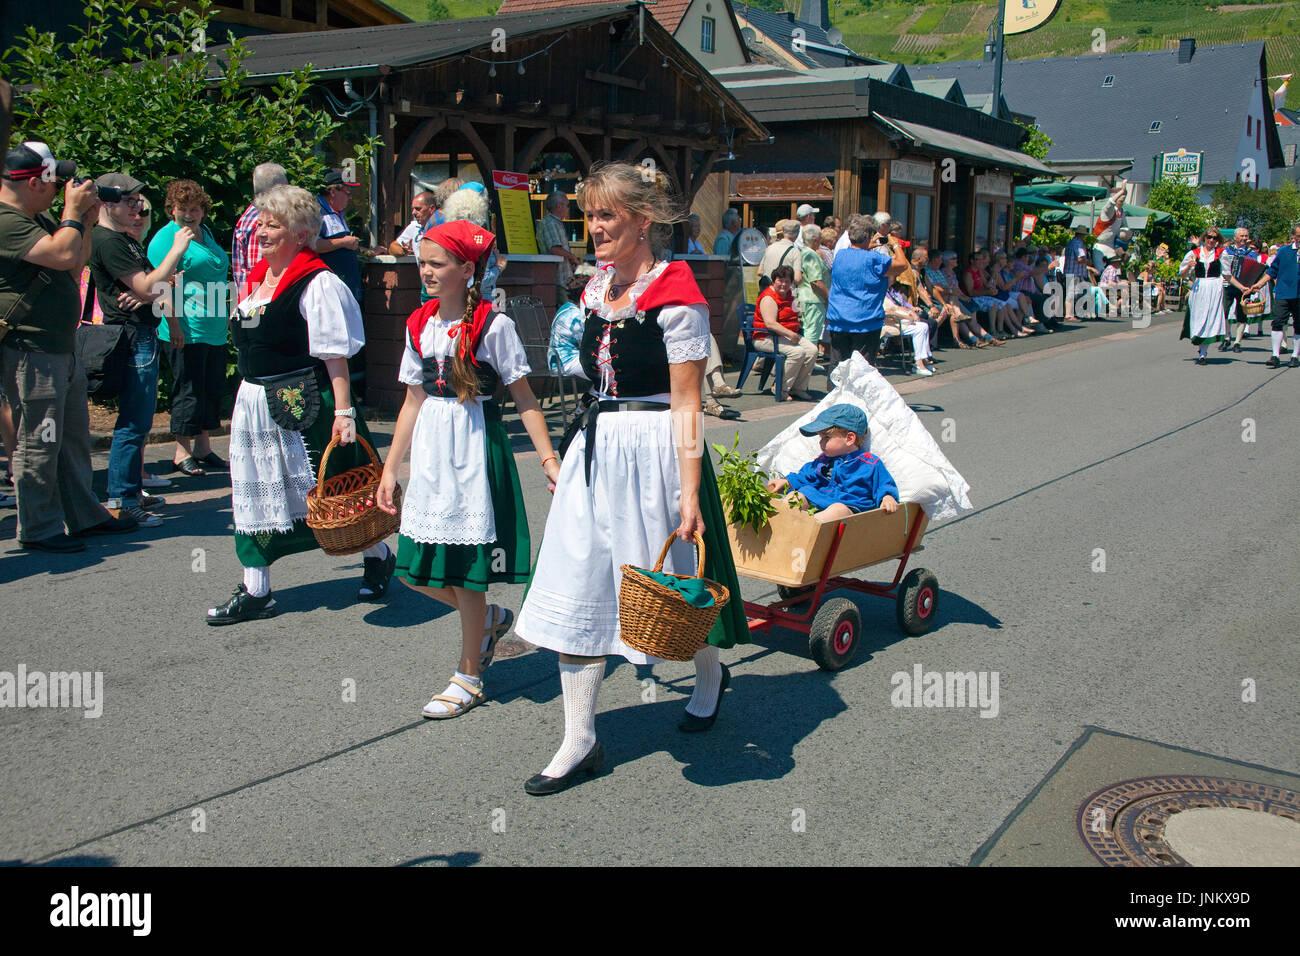 Trachtengruppe beim internationalen Trachtenfest in Kröv, Mosel, Mittelmosel, Rheinland-Pfalz, Deutschland, Europa | International festival with tradi - Stock Image